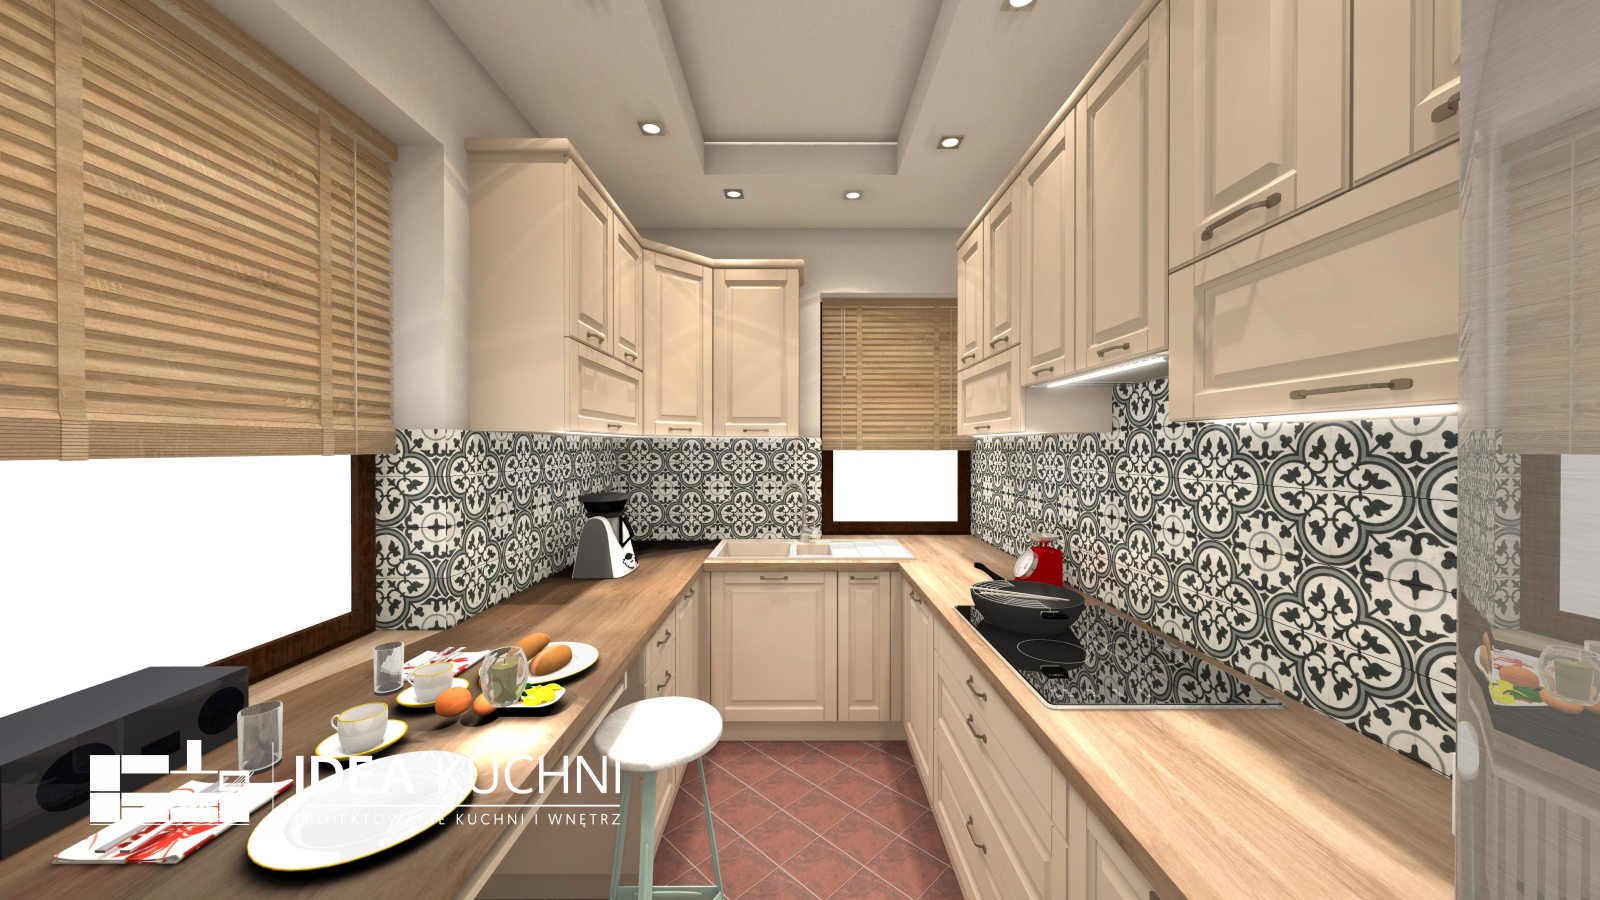 Kuchnia klasyczna Michałowice